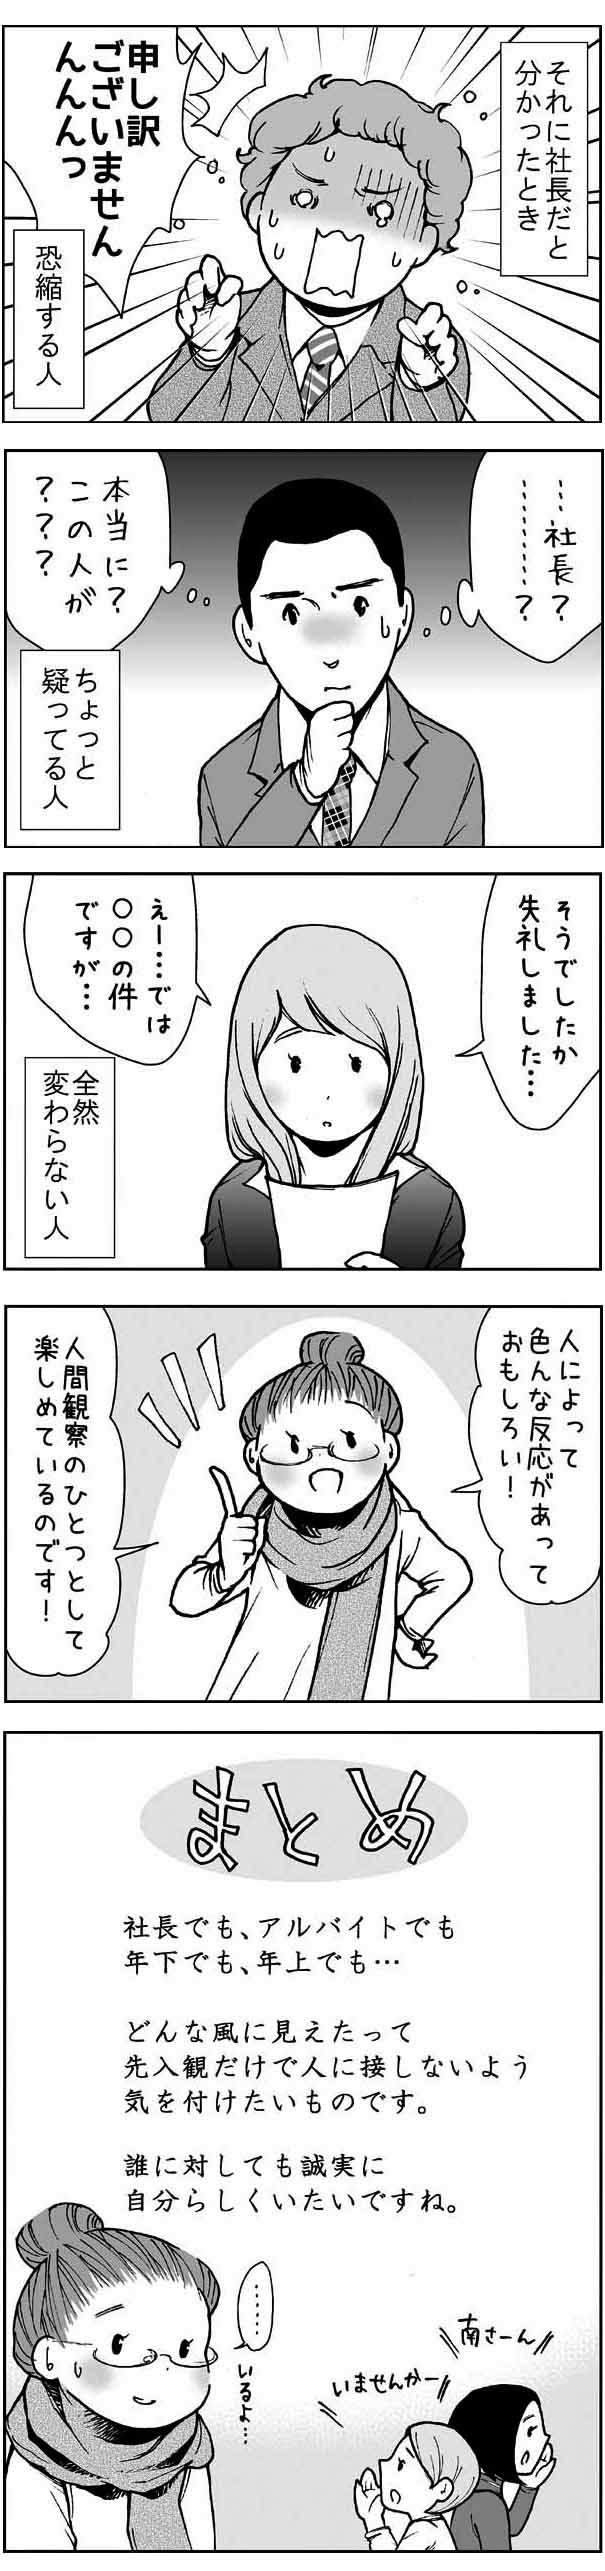 36-03.jpg